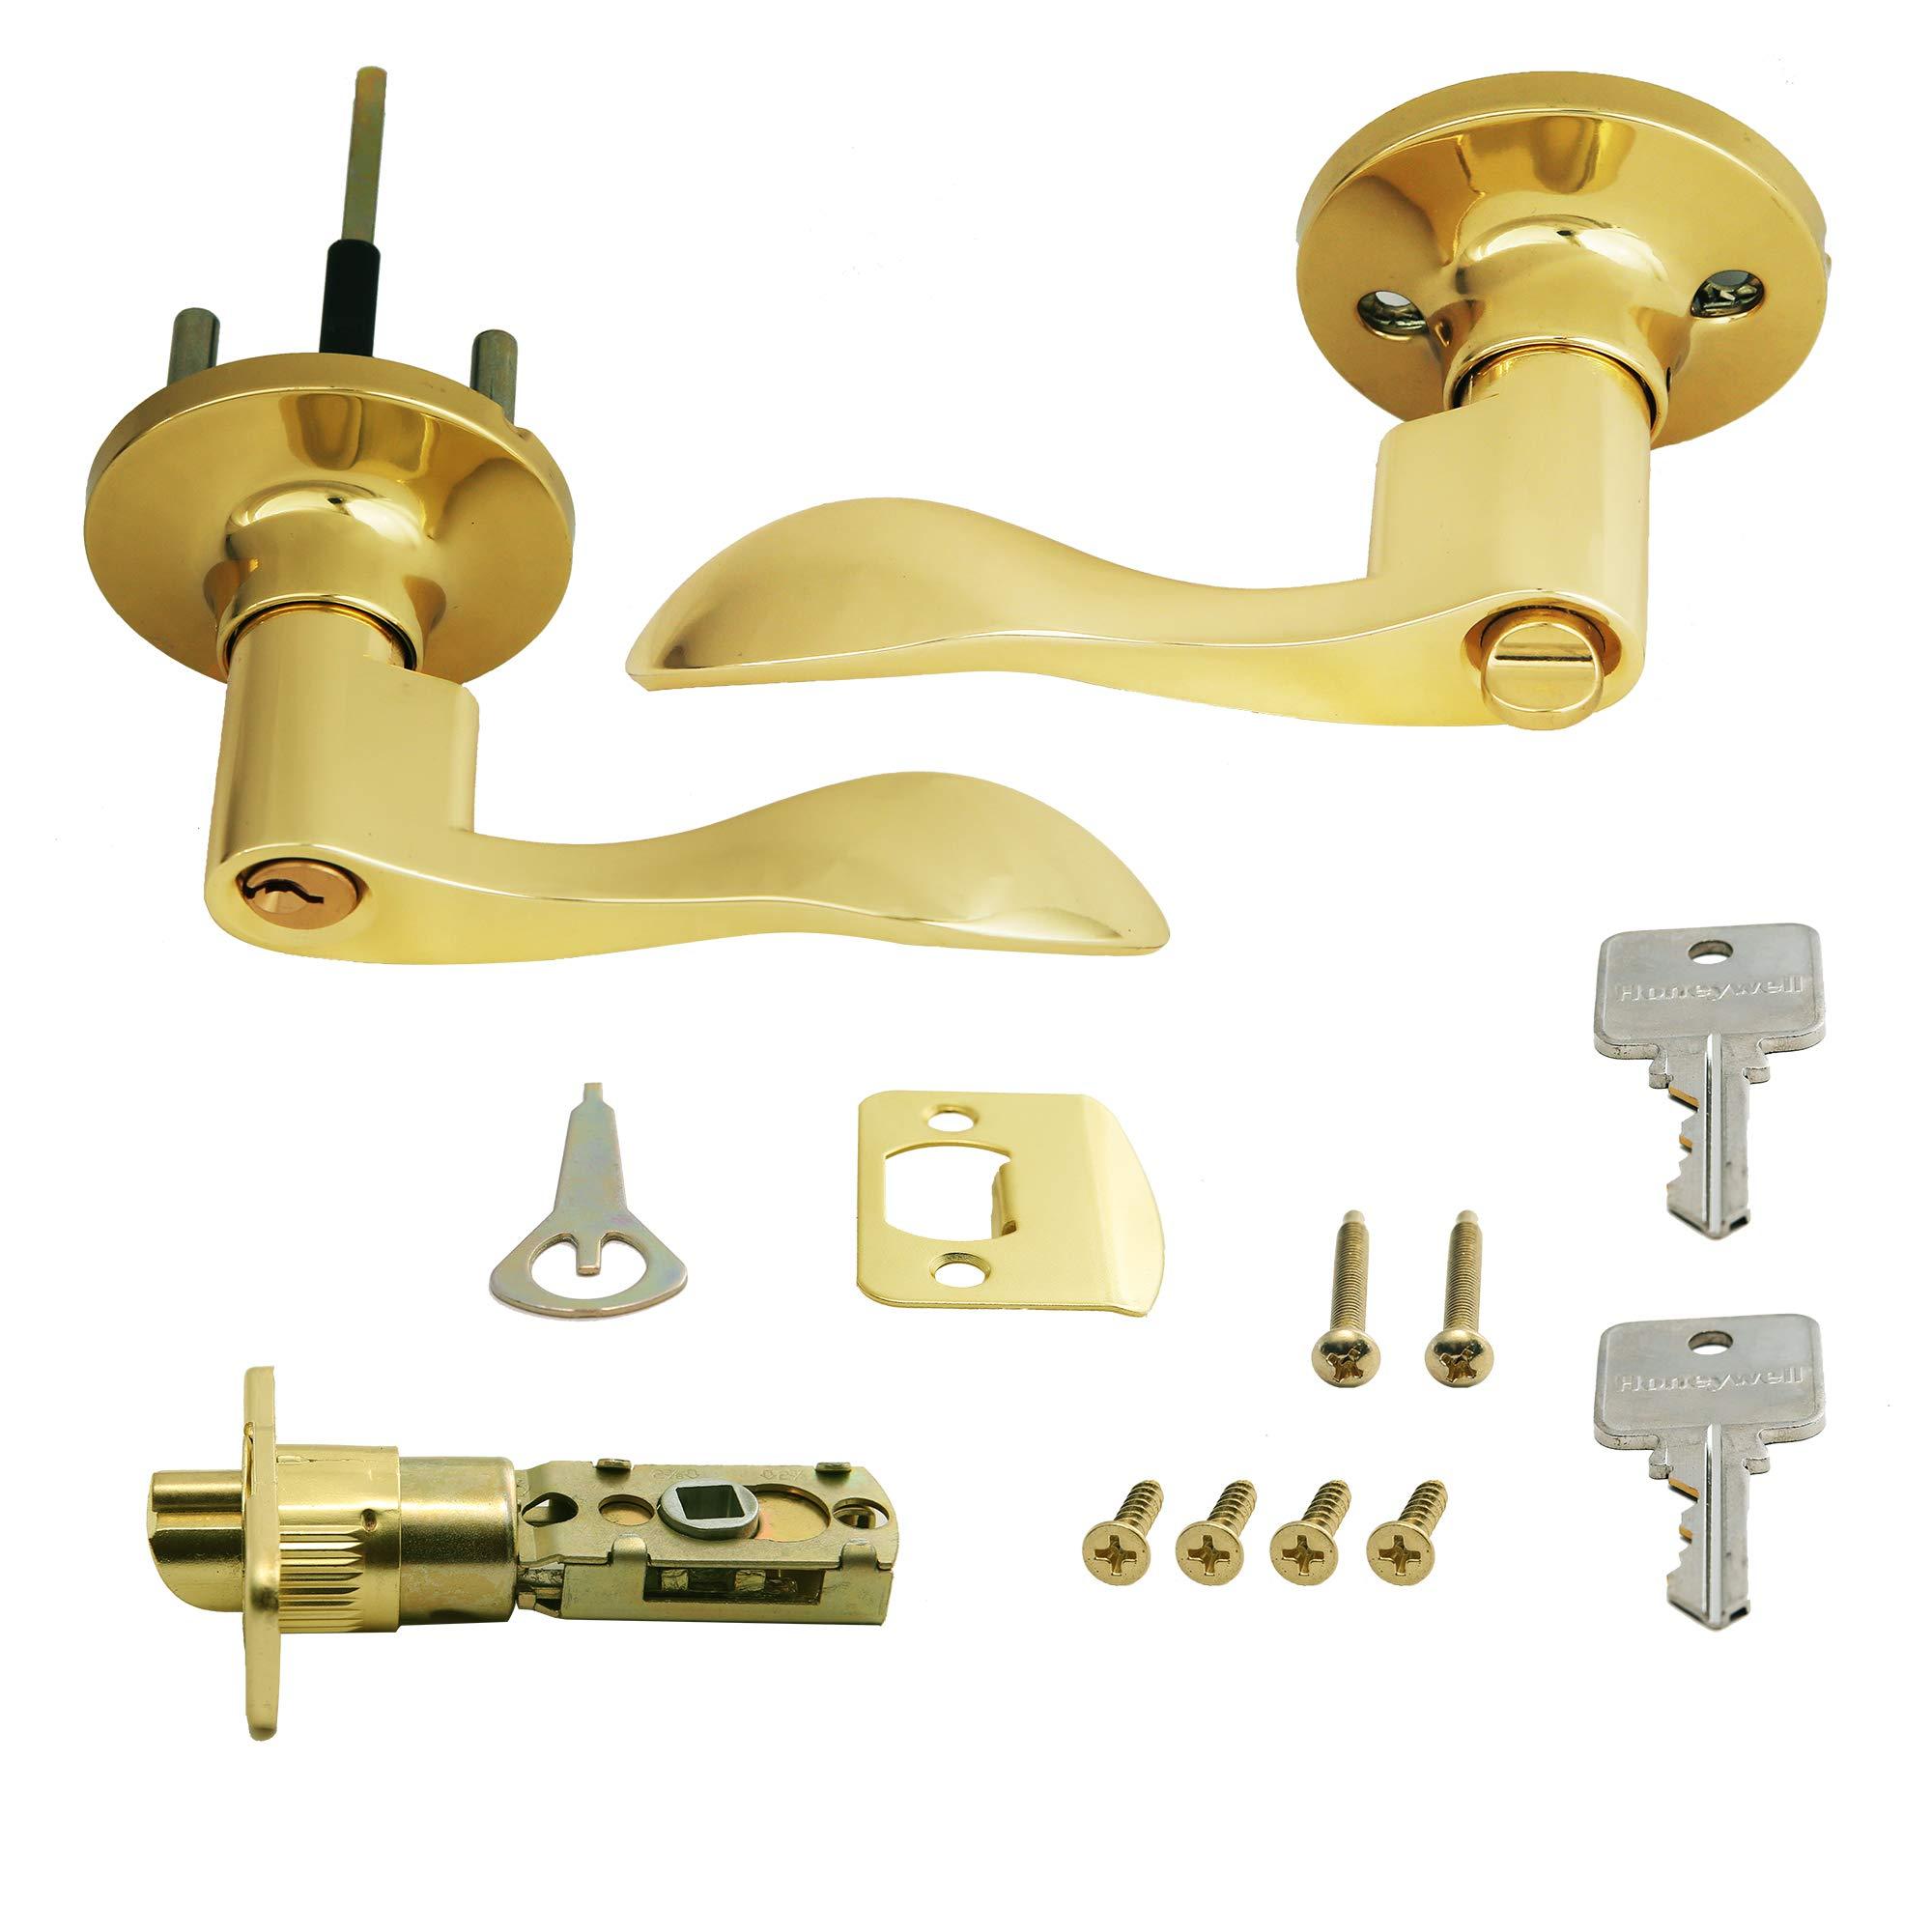 Honeywell Safes & Door Locks 8106001 Honeywell Locking Door Lever Polished Brass by Honeywell Safes & Door Locks (Image #2)